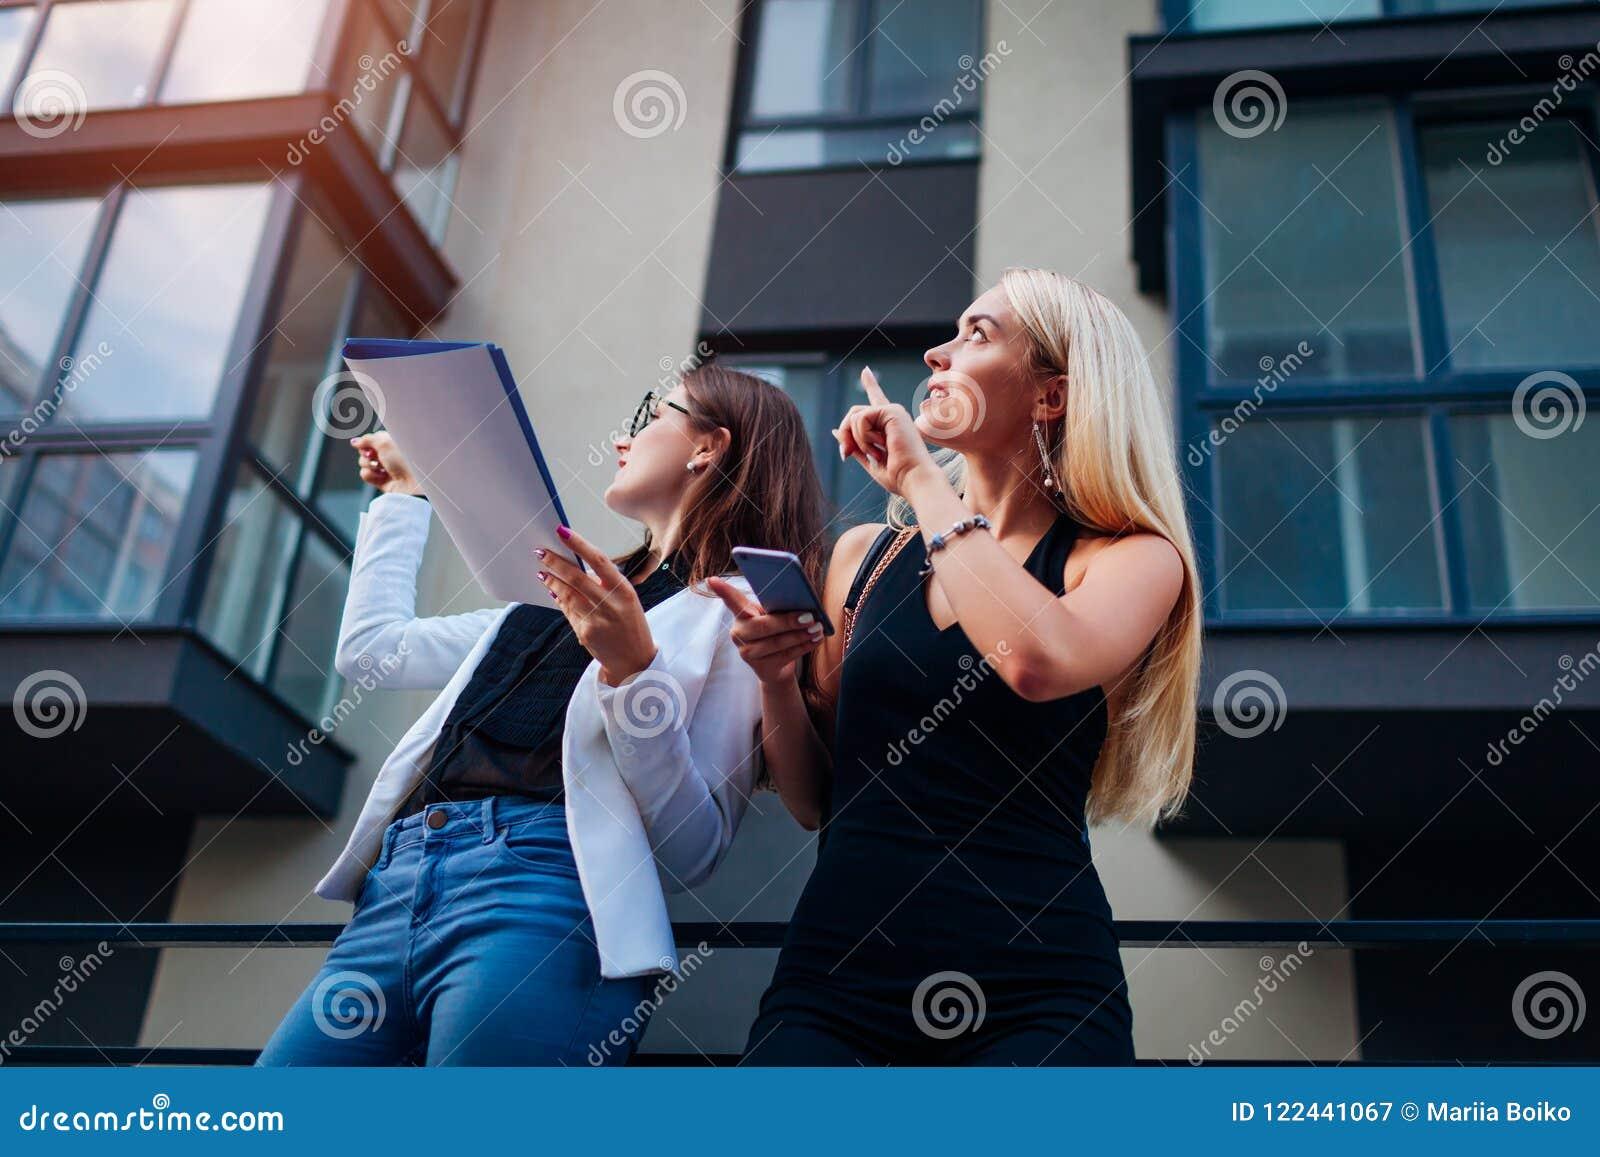 Makelaar in onroerend goed die nieuwe flat voorstellen aan cliënt De onderneemster toont de bouw aan klant